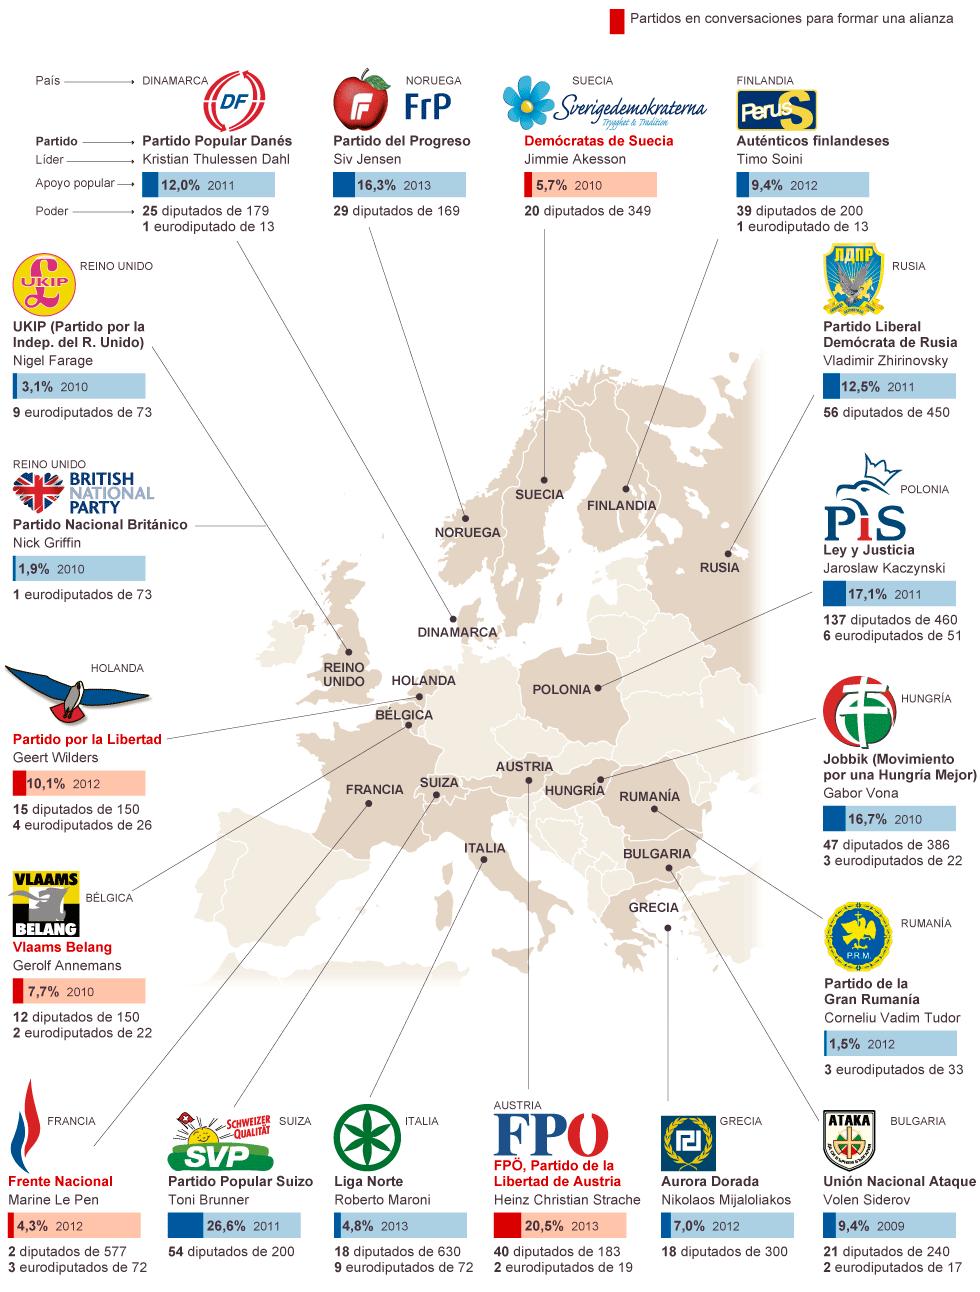 El poder de la extrema derecha en Europa